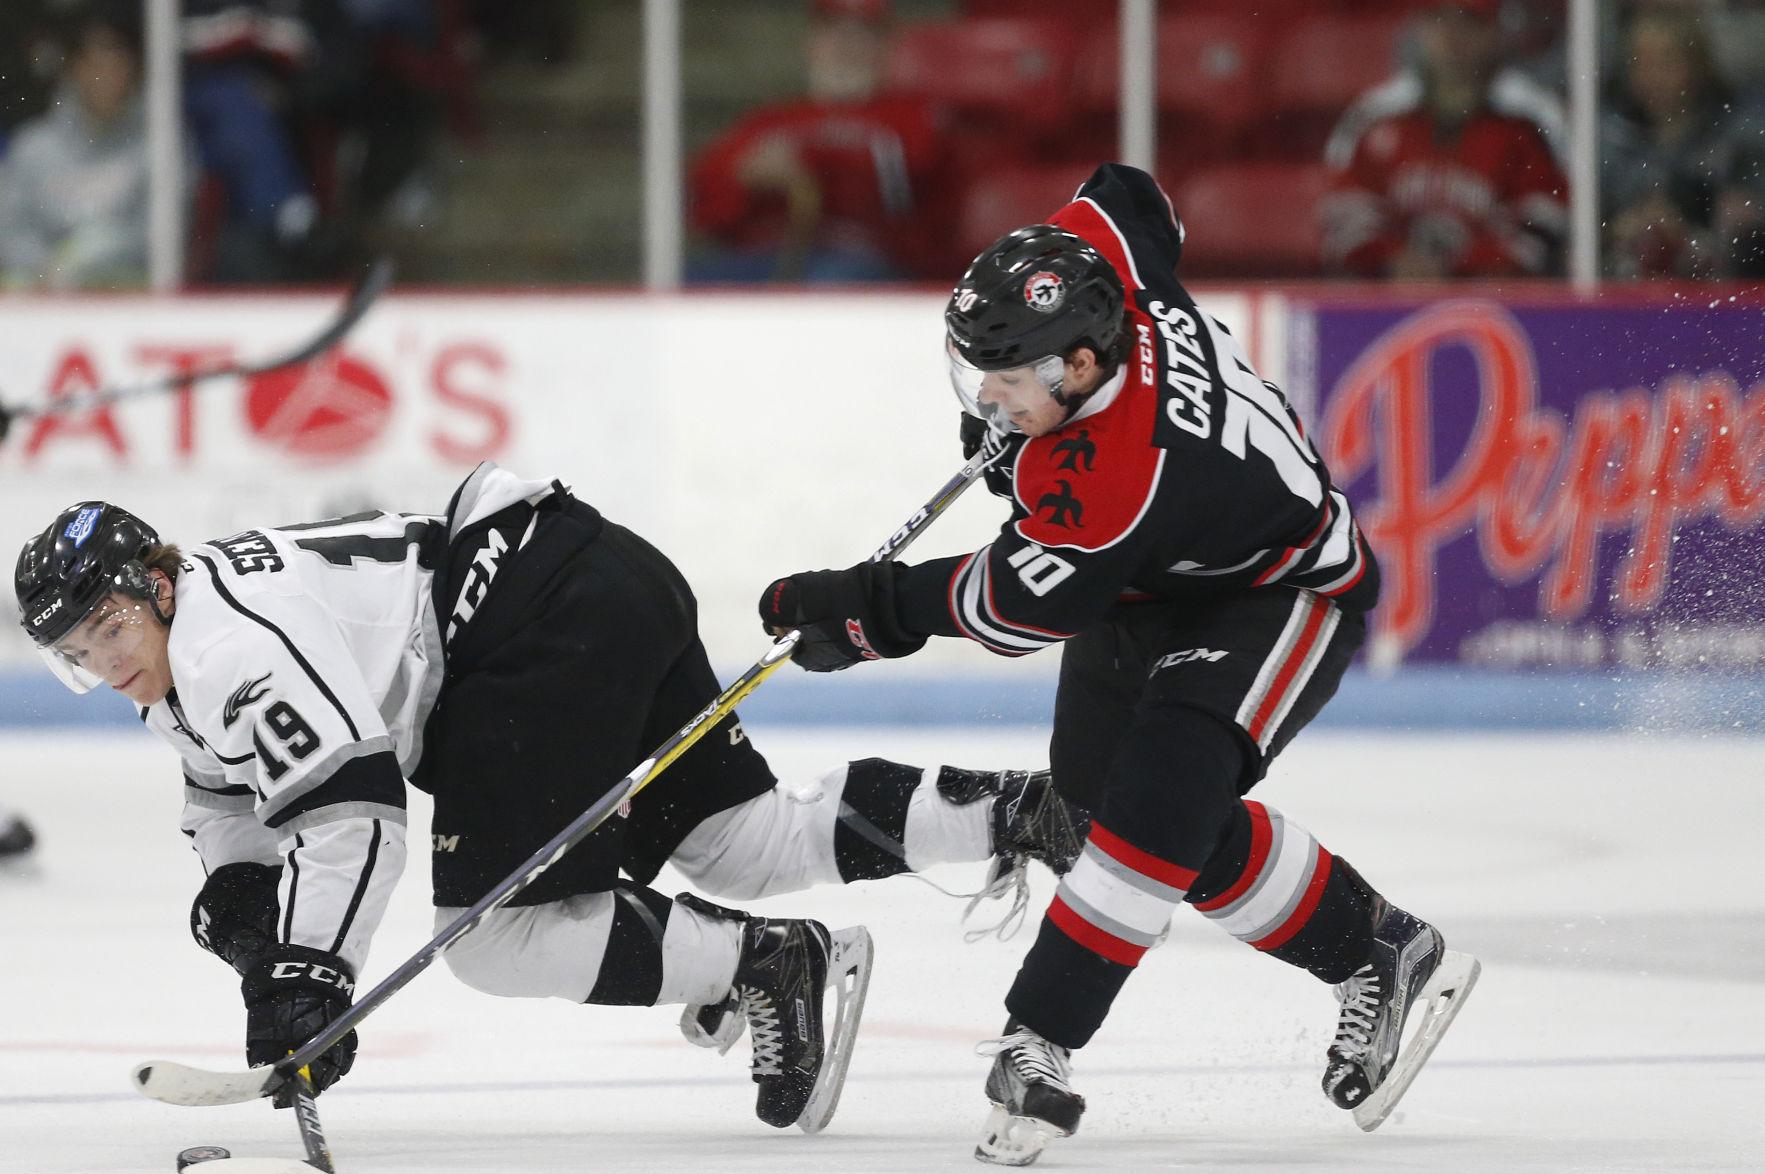 USHL: O'Handley Still Processing 2016-17